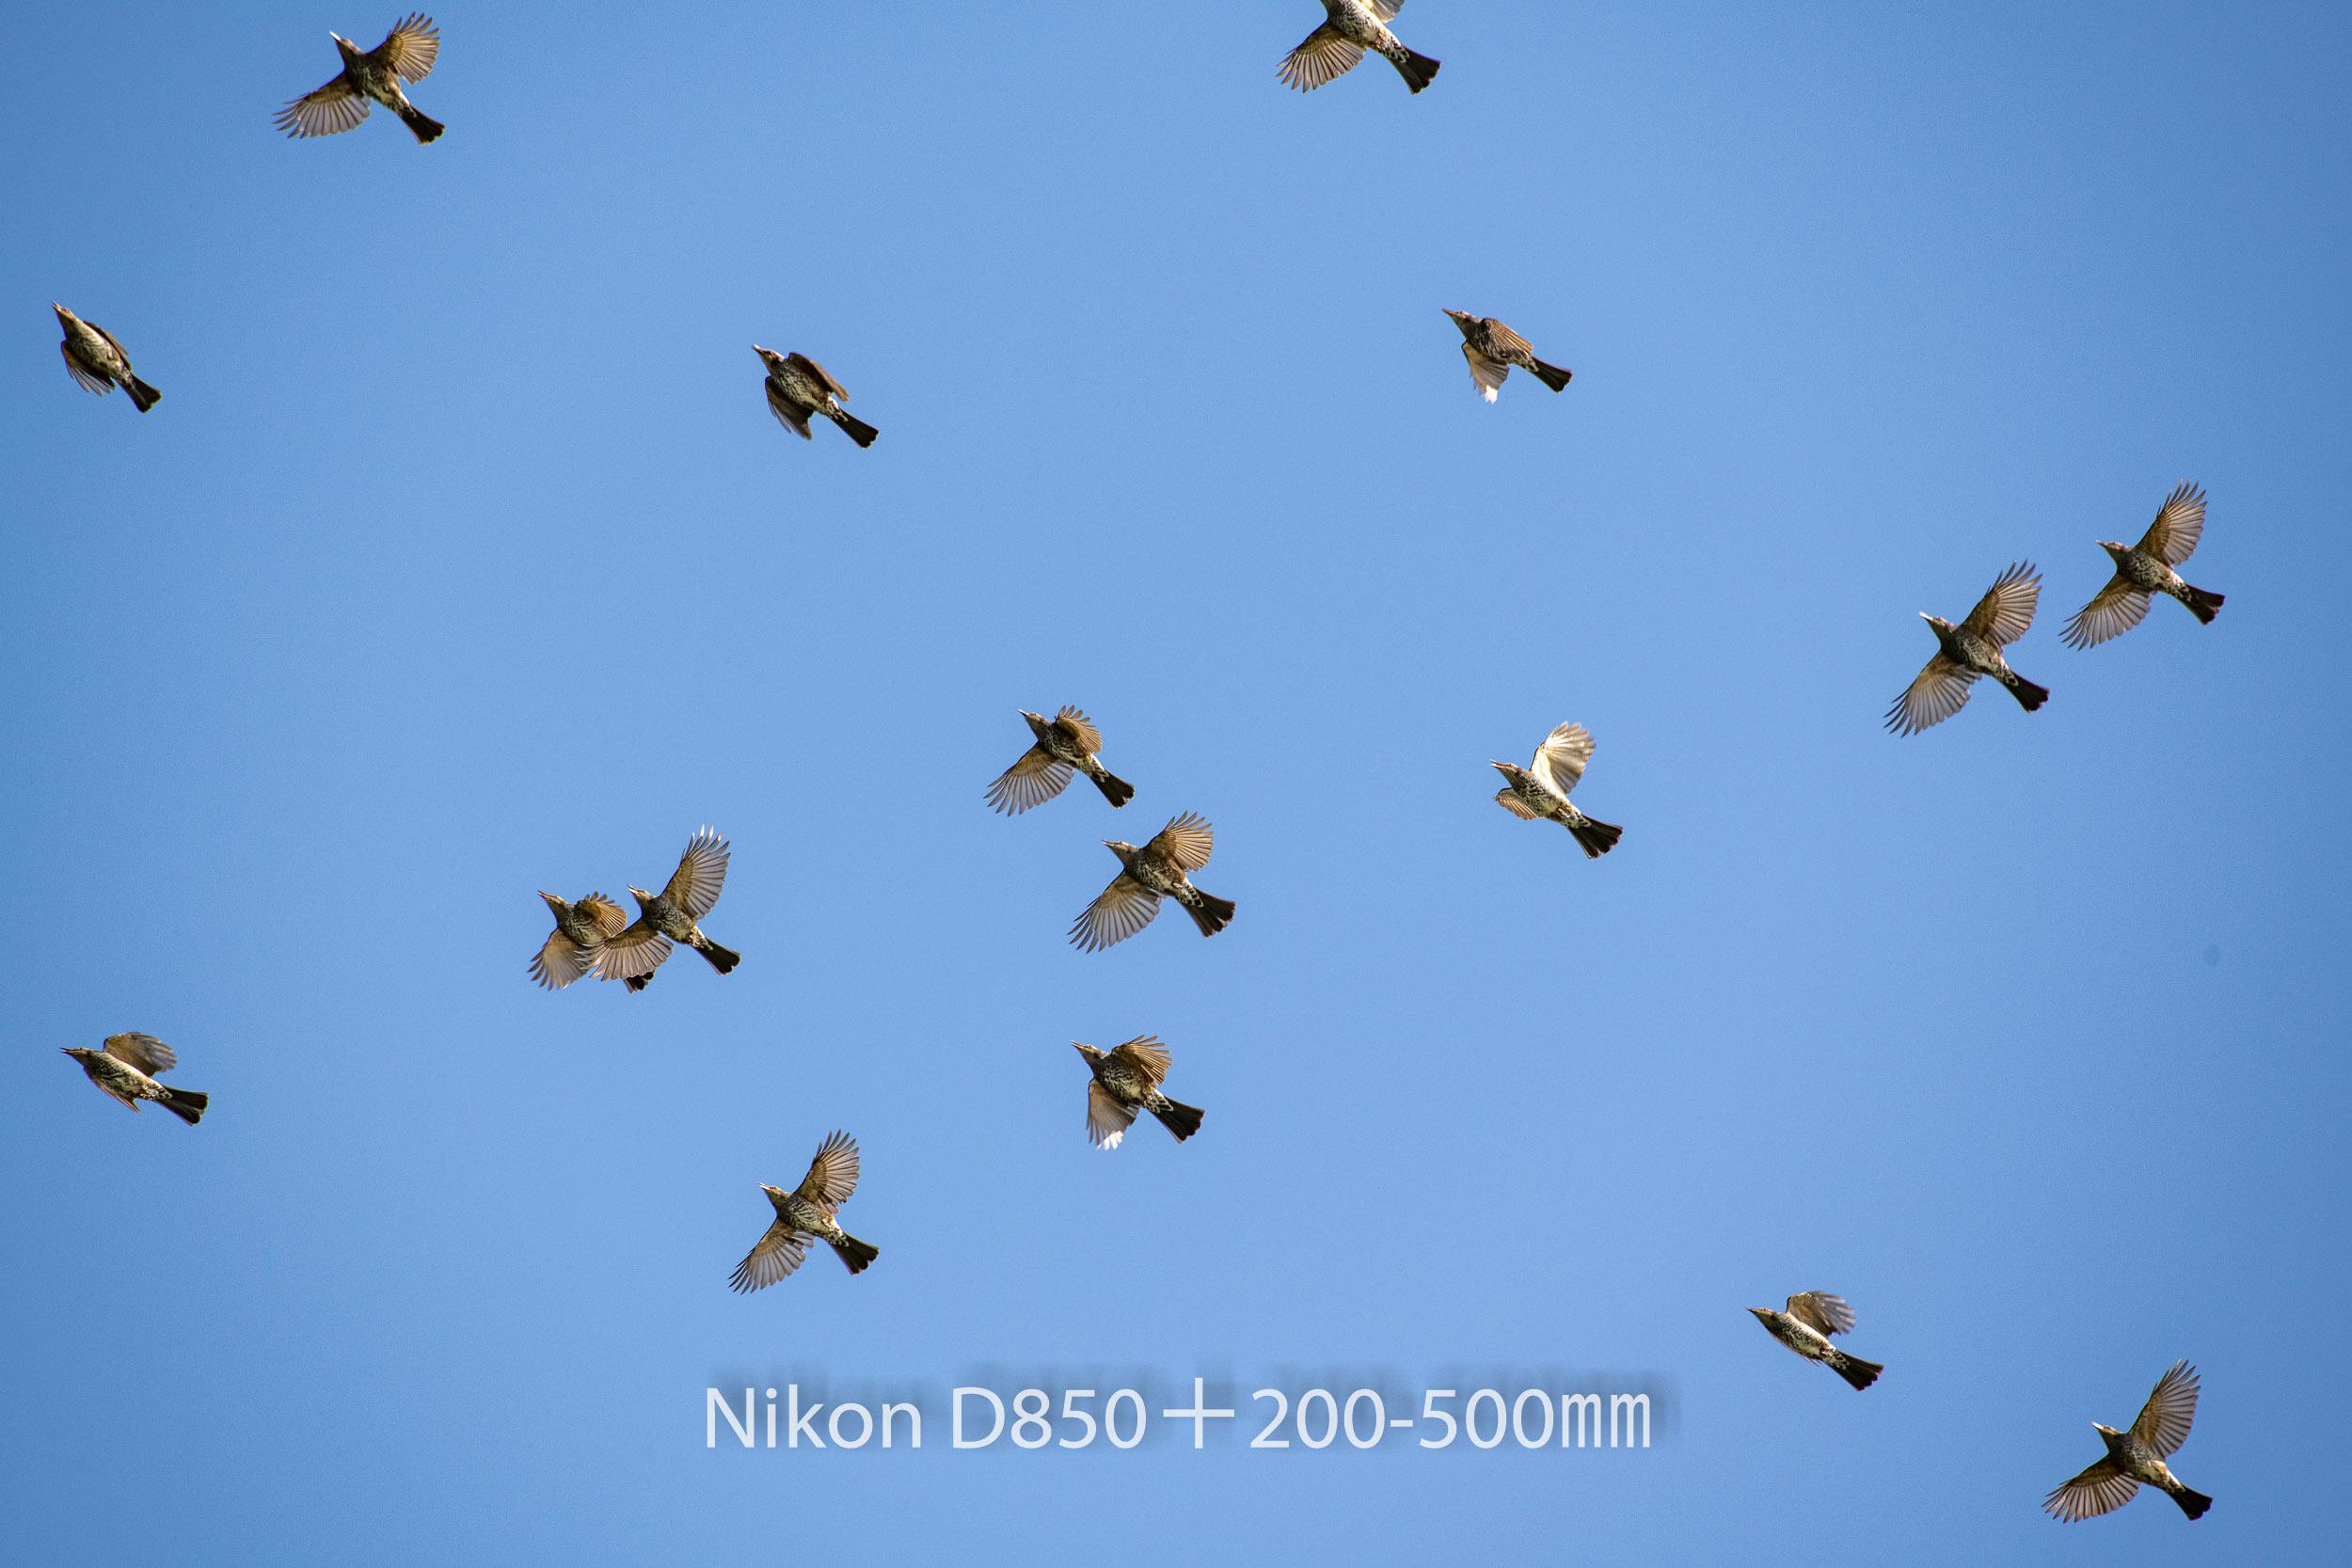 191004 ヒヨドリ集団-09 NIKON D850 ISO 360 500 mm 8256 x 5504